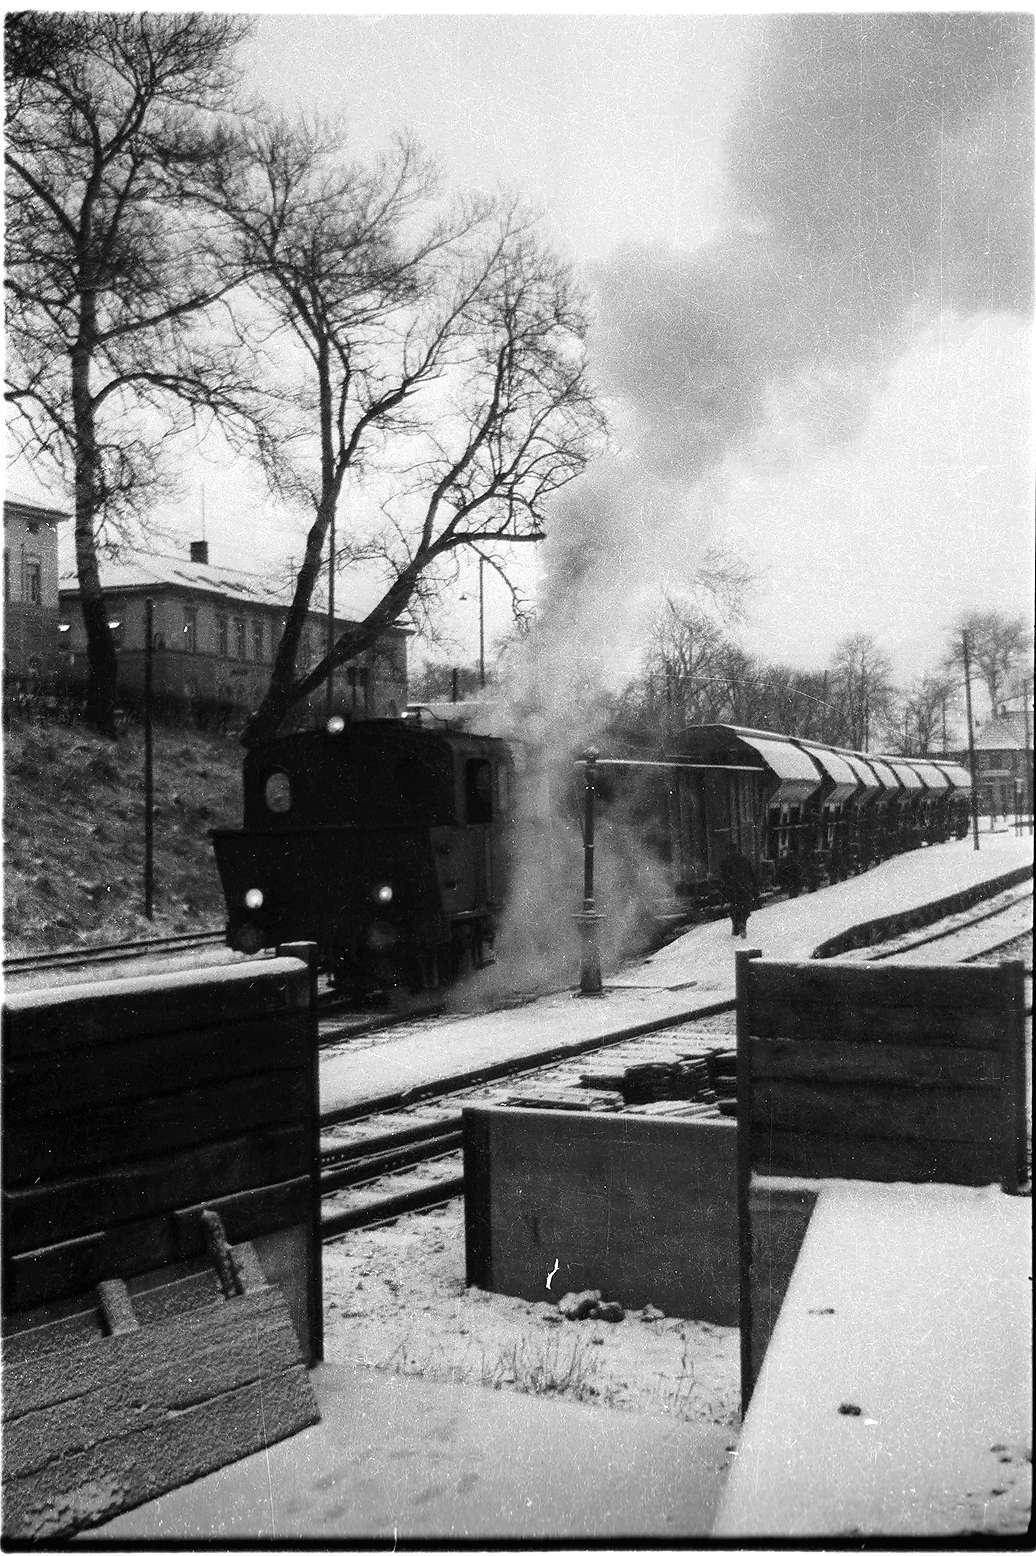 Bekohlungsanlage Hechingen Landesbahn, 2. Wasserkran, abgebrochen 1970, Lok 21, Güterzug 300 Hechingen - Stetten, Bild 1